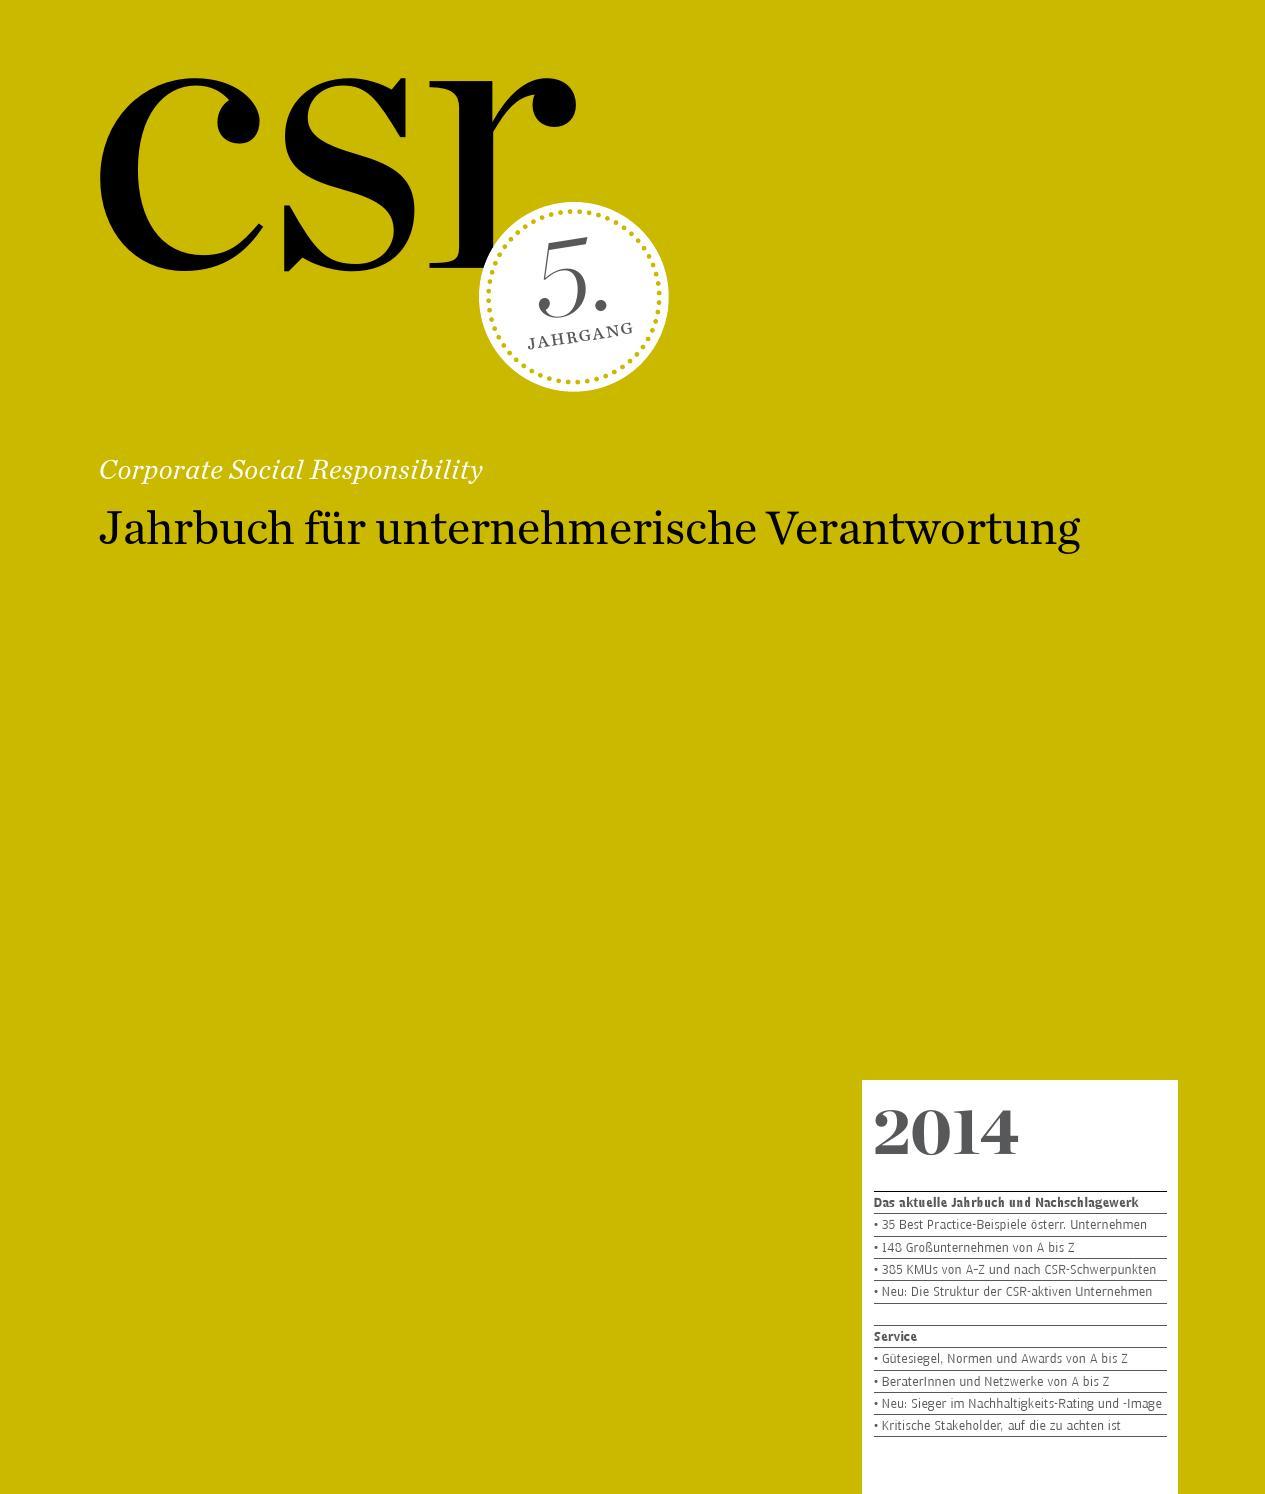 csr jahrbuch by medianet issuu - Csr Beispiele